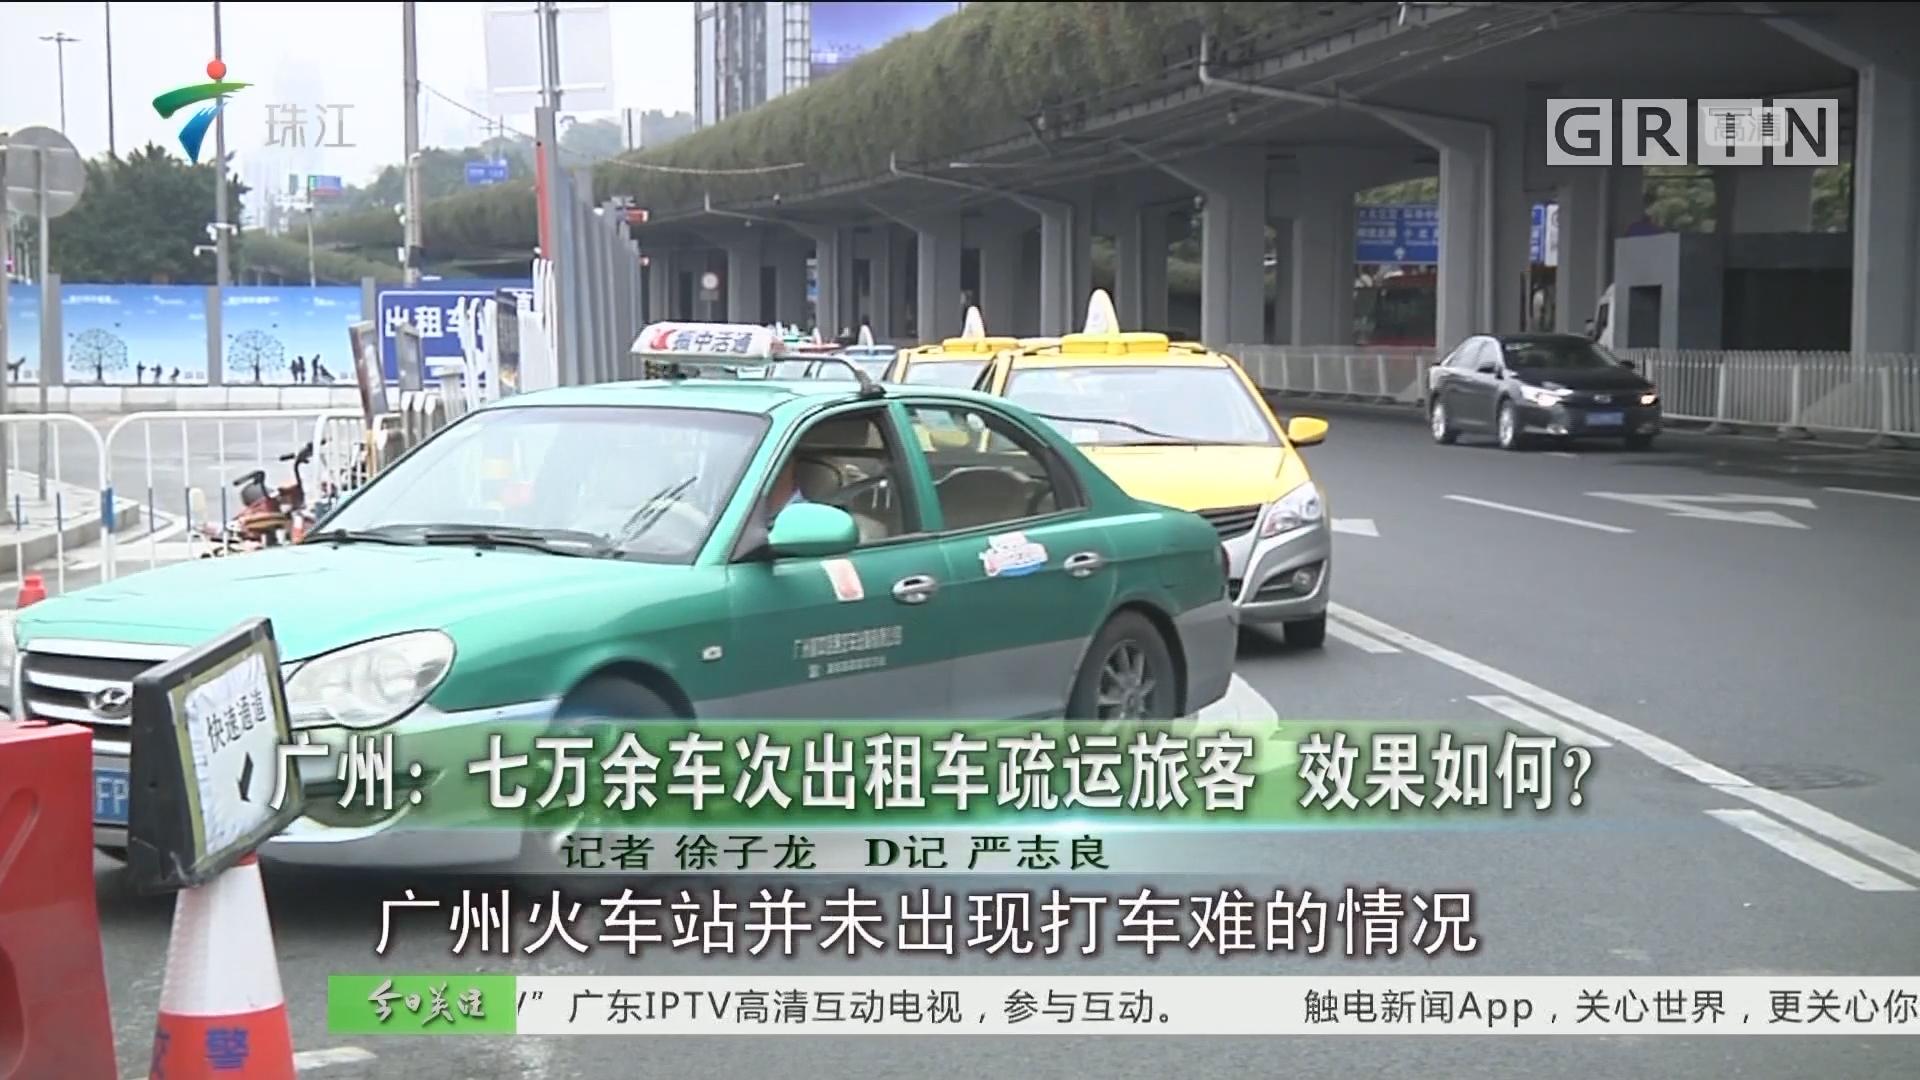 广州:七万余车次出租车疏运旅客 效果如何?